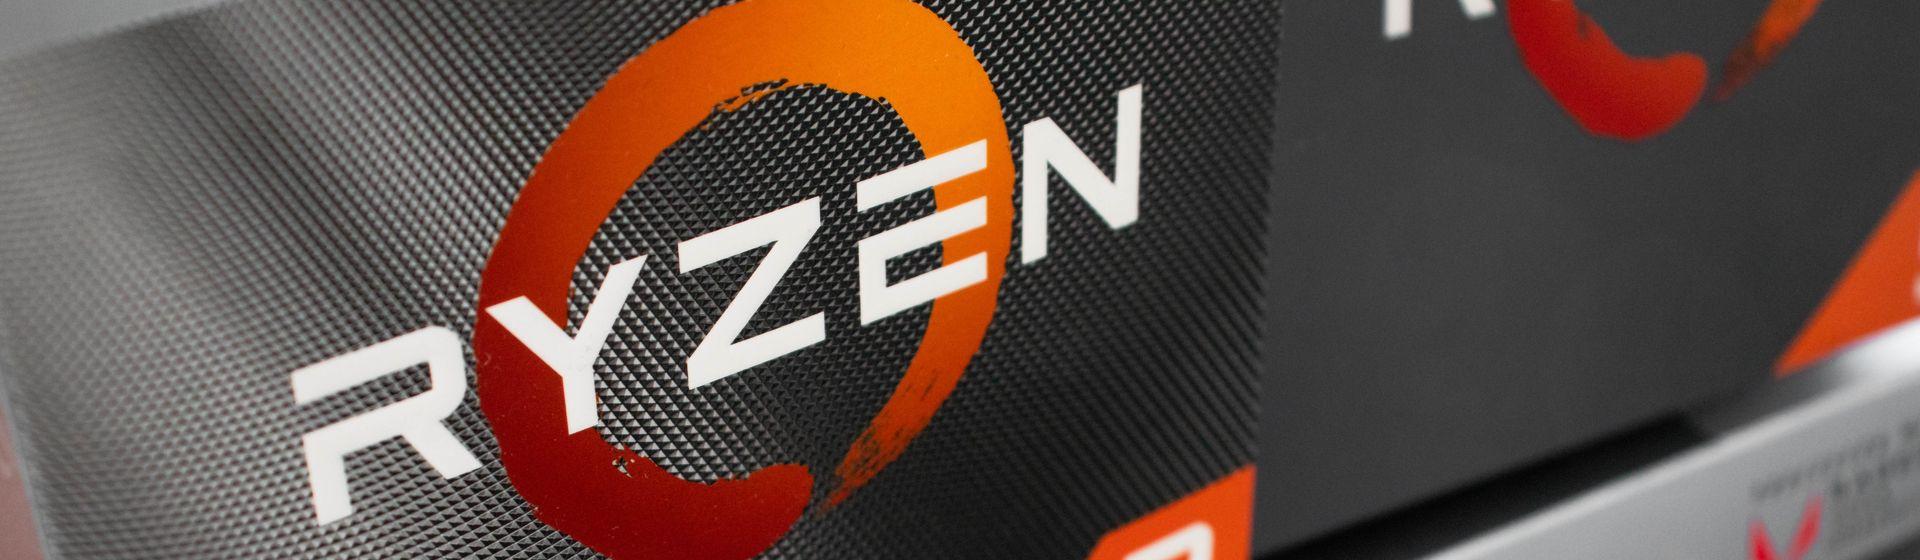 Processador AMD Ryzen 5 3500X é bom? Conheça prós e contras do chip